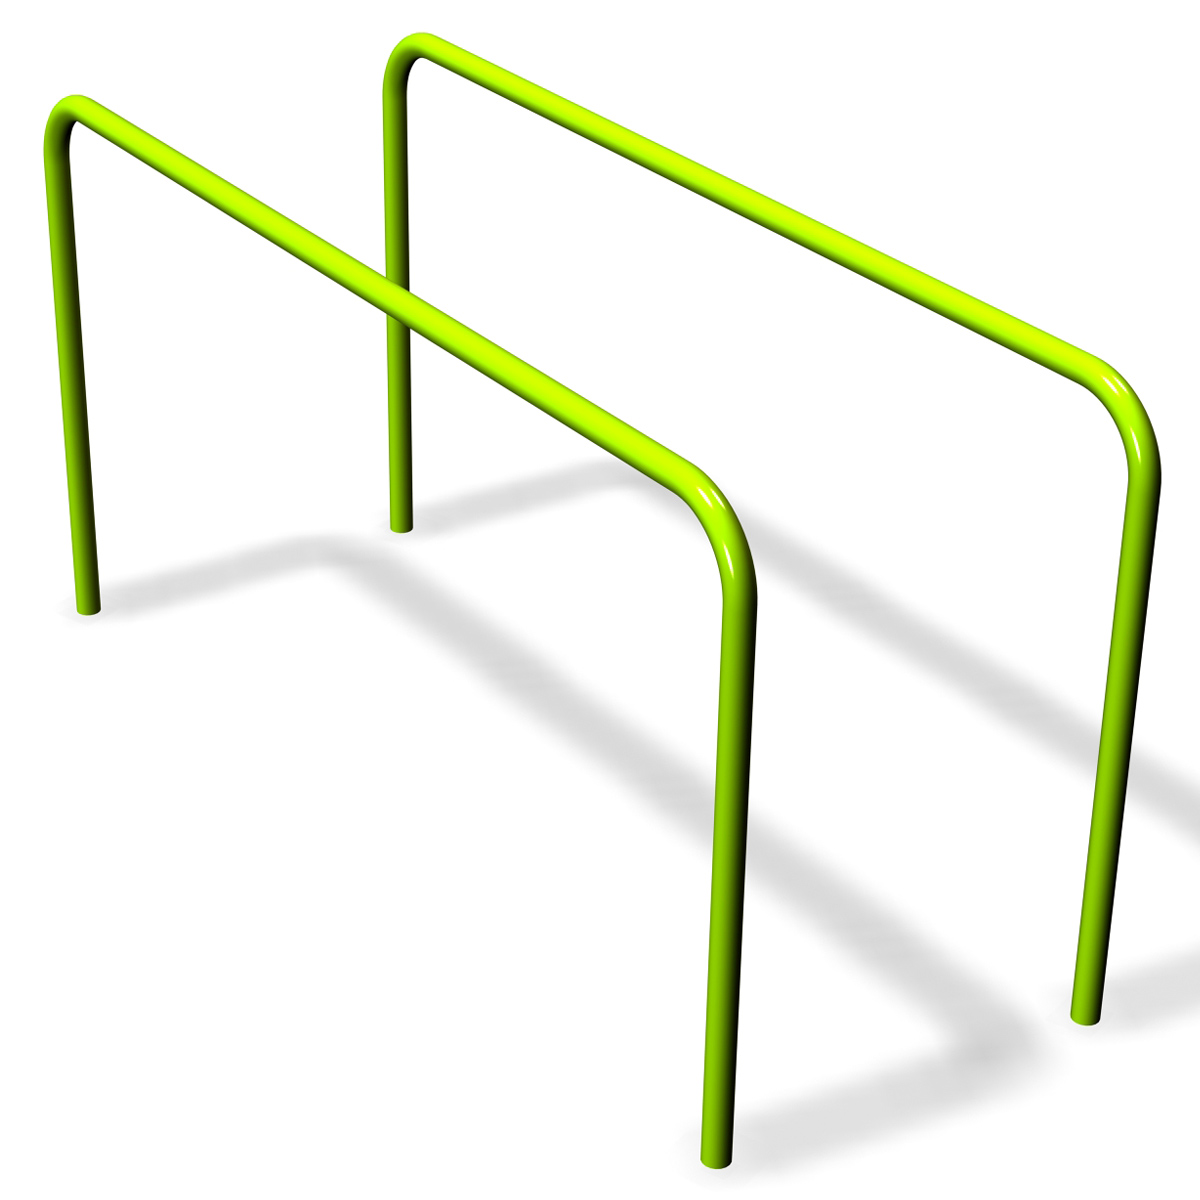 Parallel-Bars.jpg